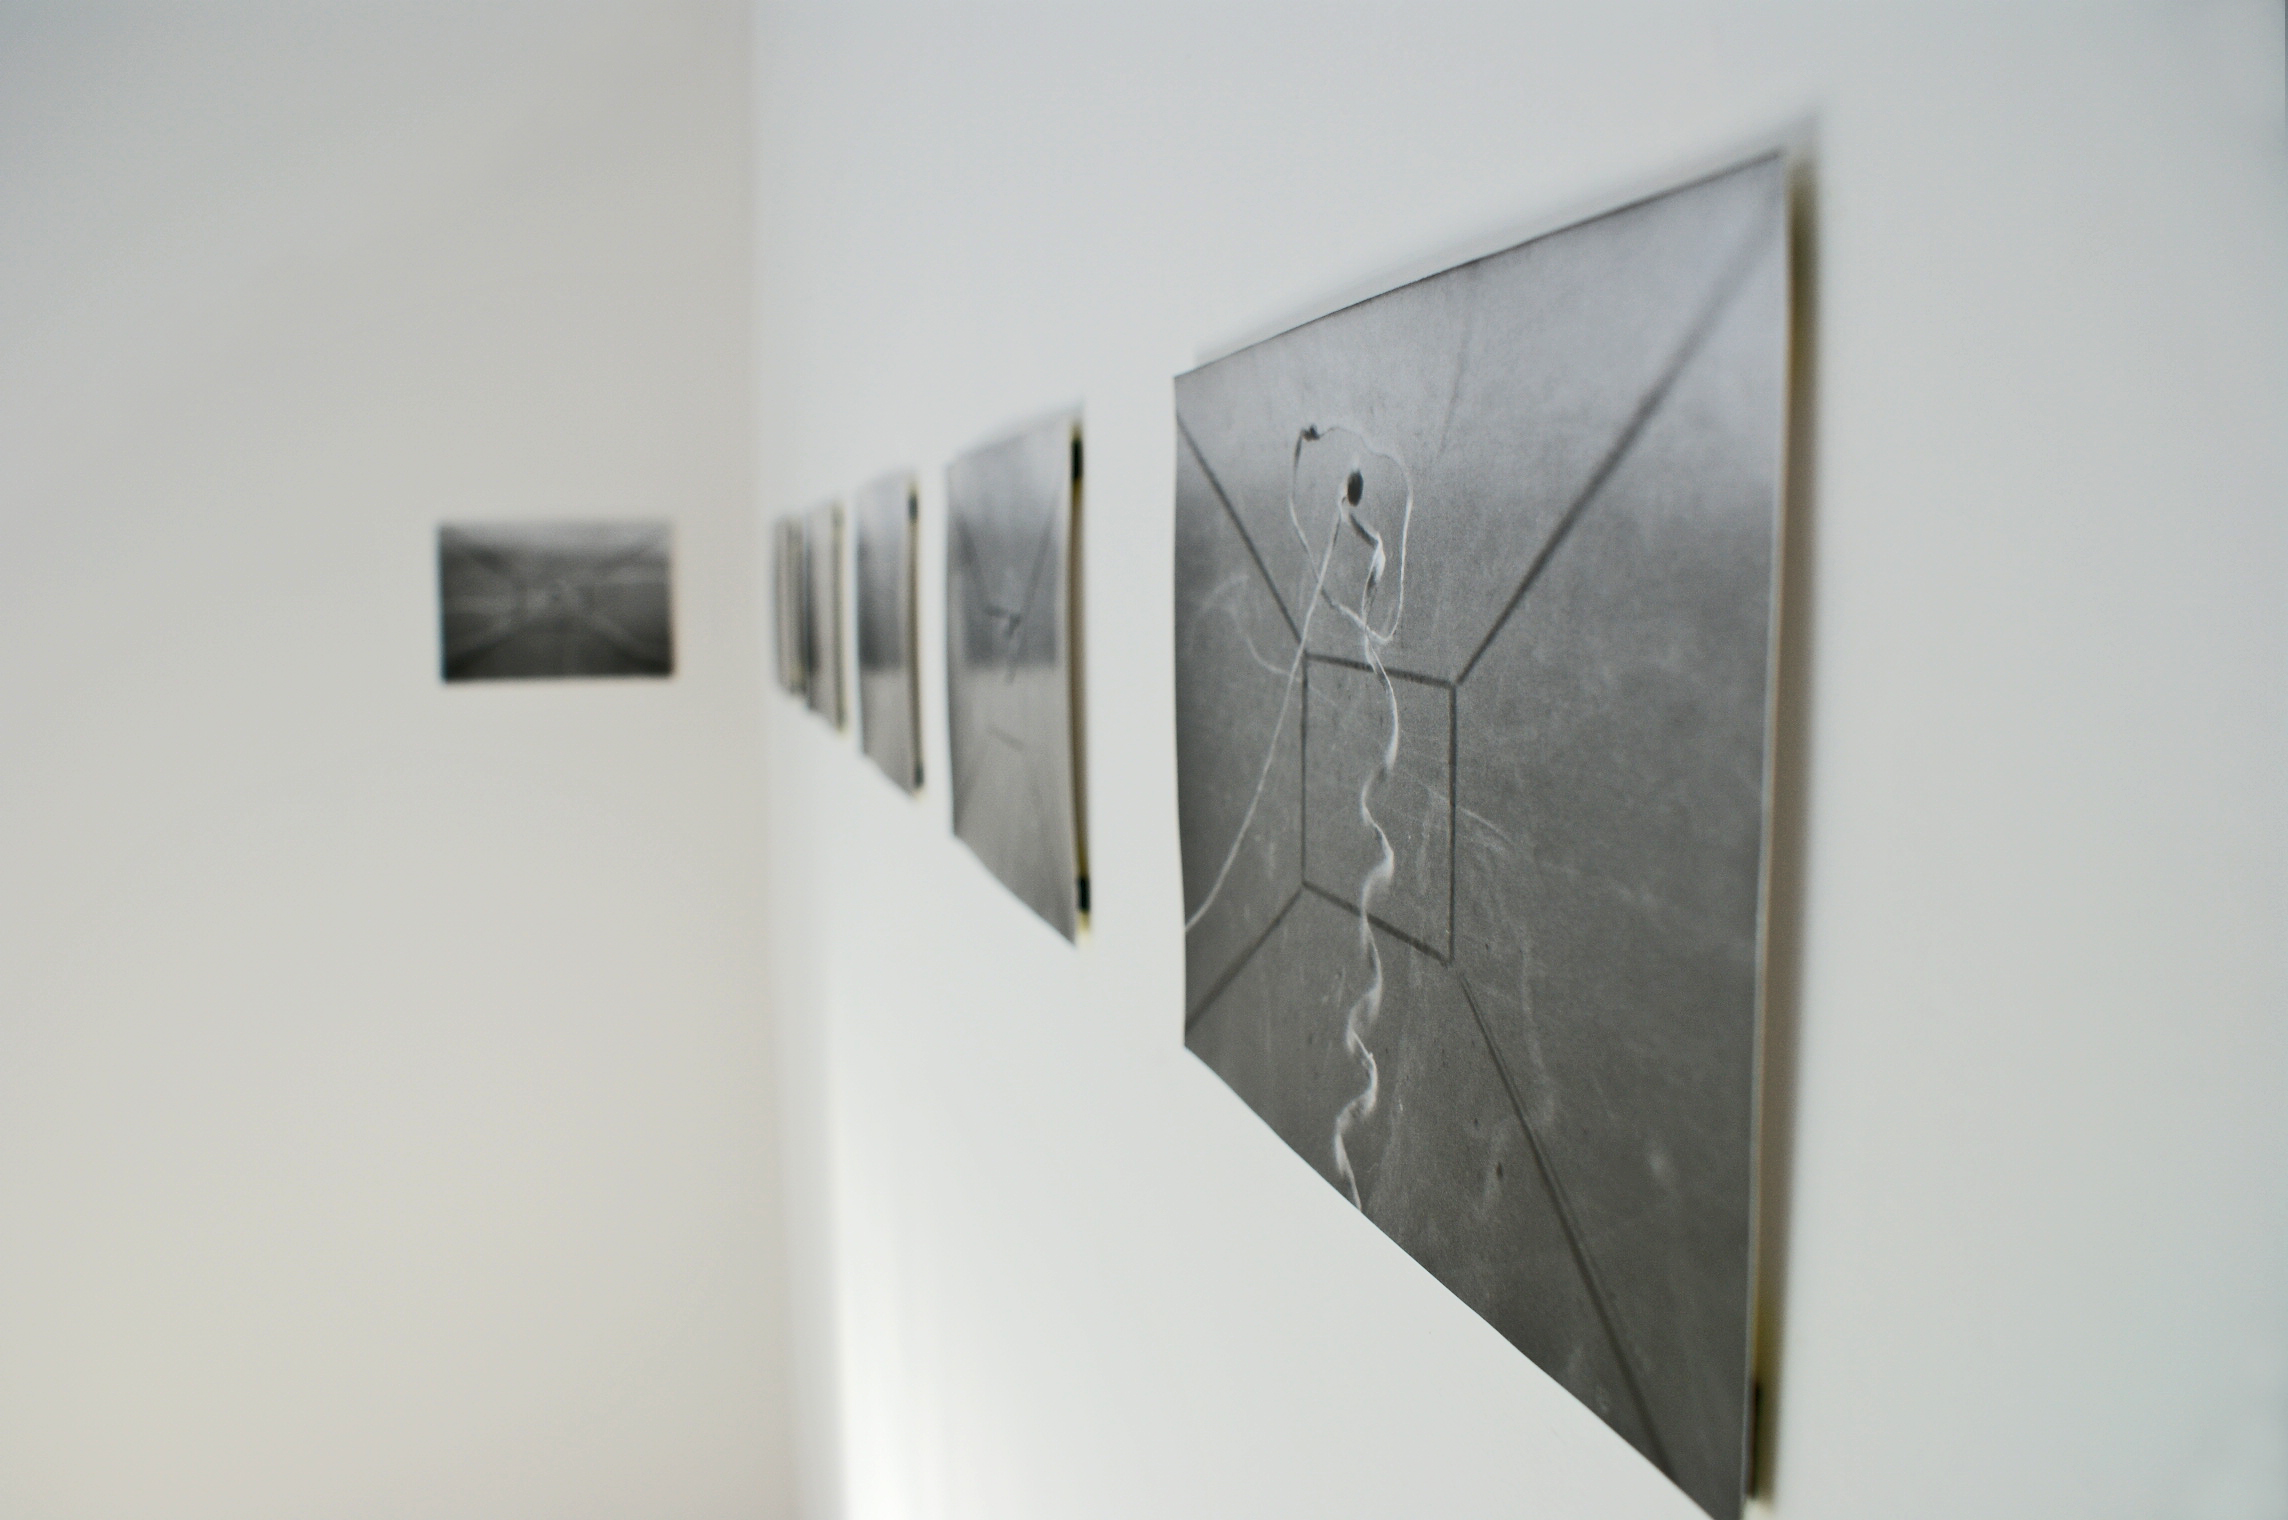 Iza Tarasewicz, Macierz, wybór zserii czarno-białych fotografii analogowych, 2013